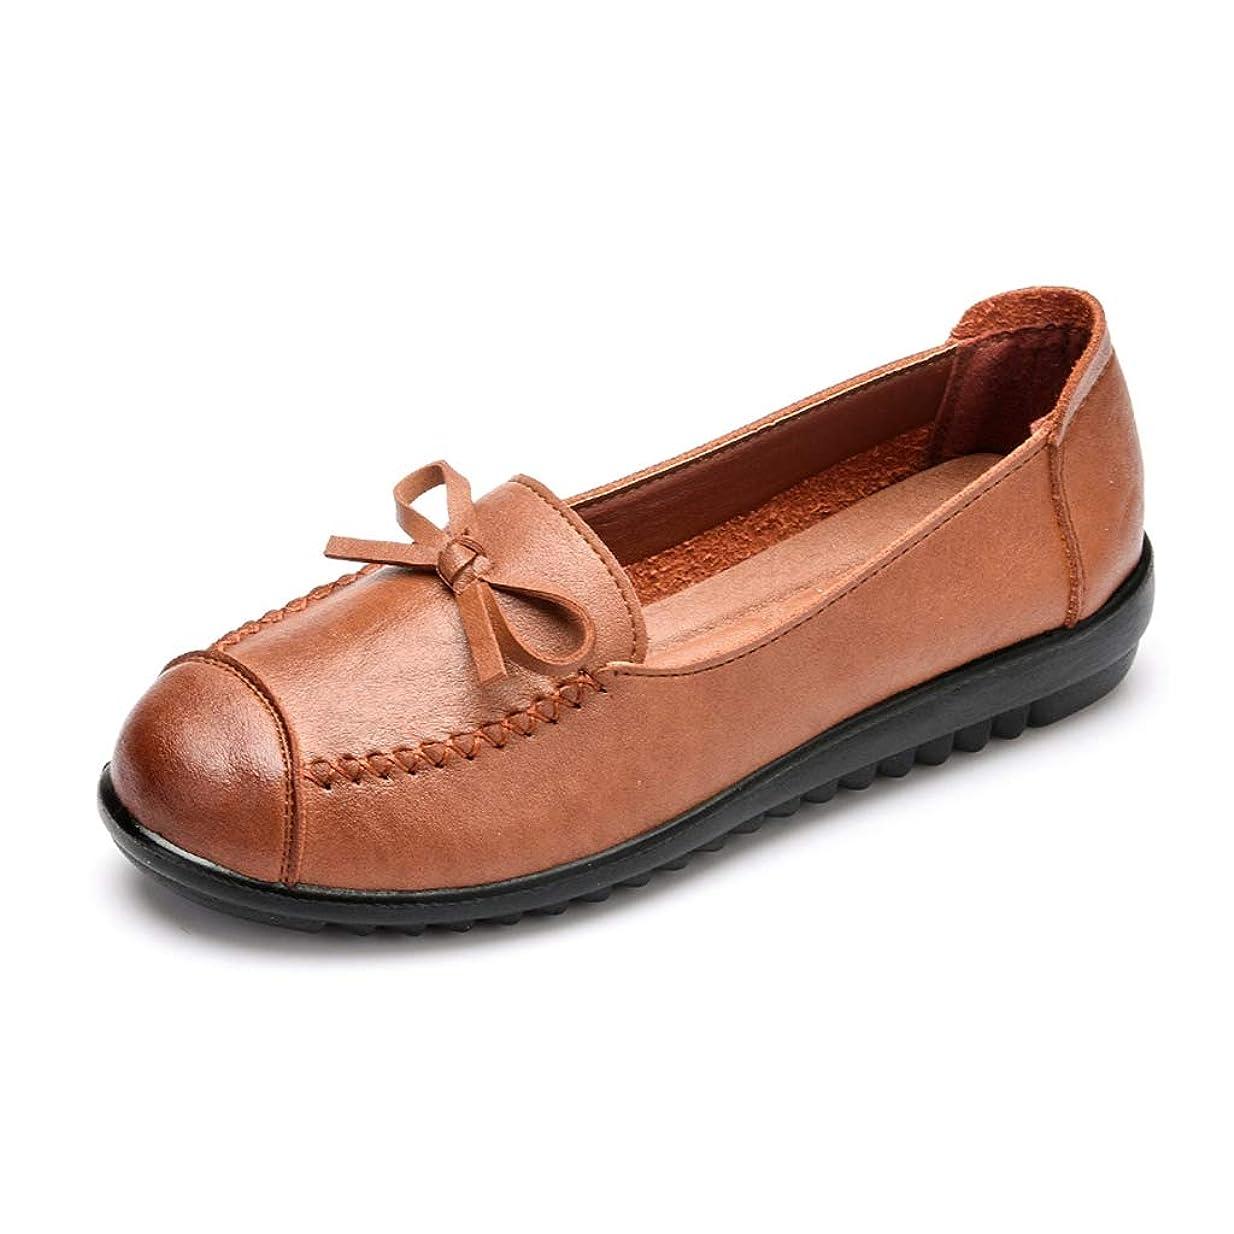 め言葉パラダイス奨励します[実りの秋] シニアシューズ レディース 25.5CMまで お年寄りシューズ リボン 疲れにくい 滑り止め 婦人靴 モカシン 介護用 軽量 安定感 通気性 高齢者 母の日 敬老の日 通年